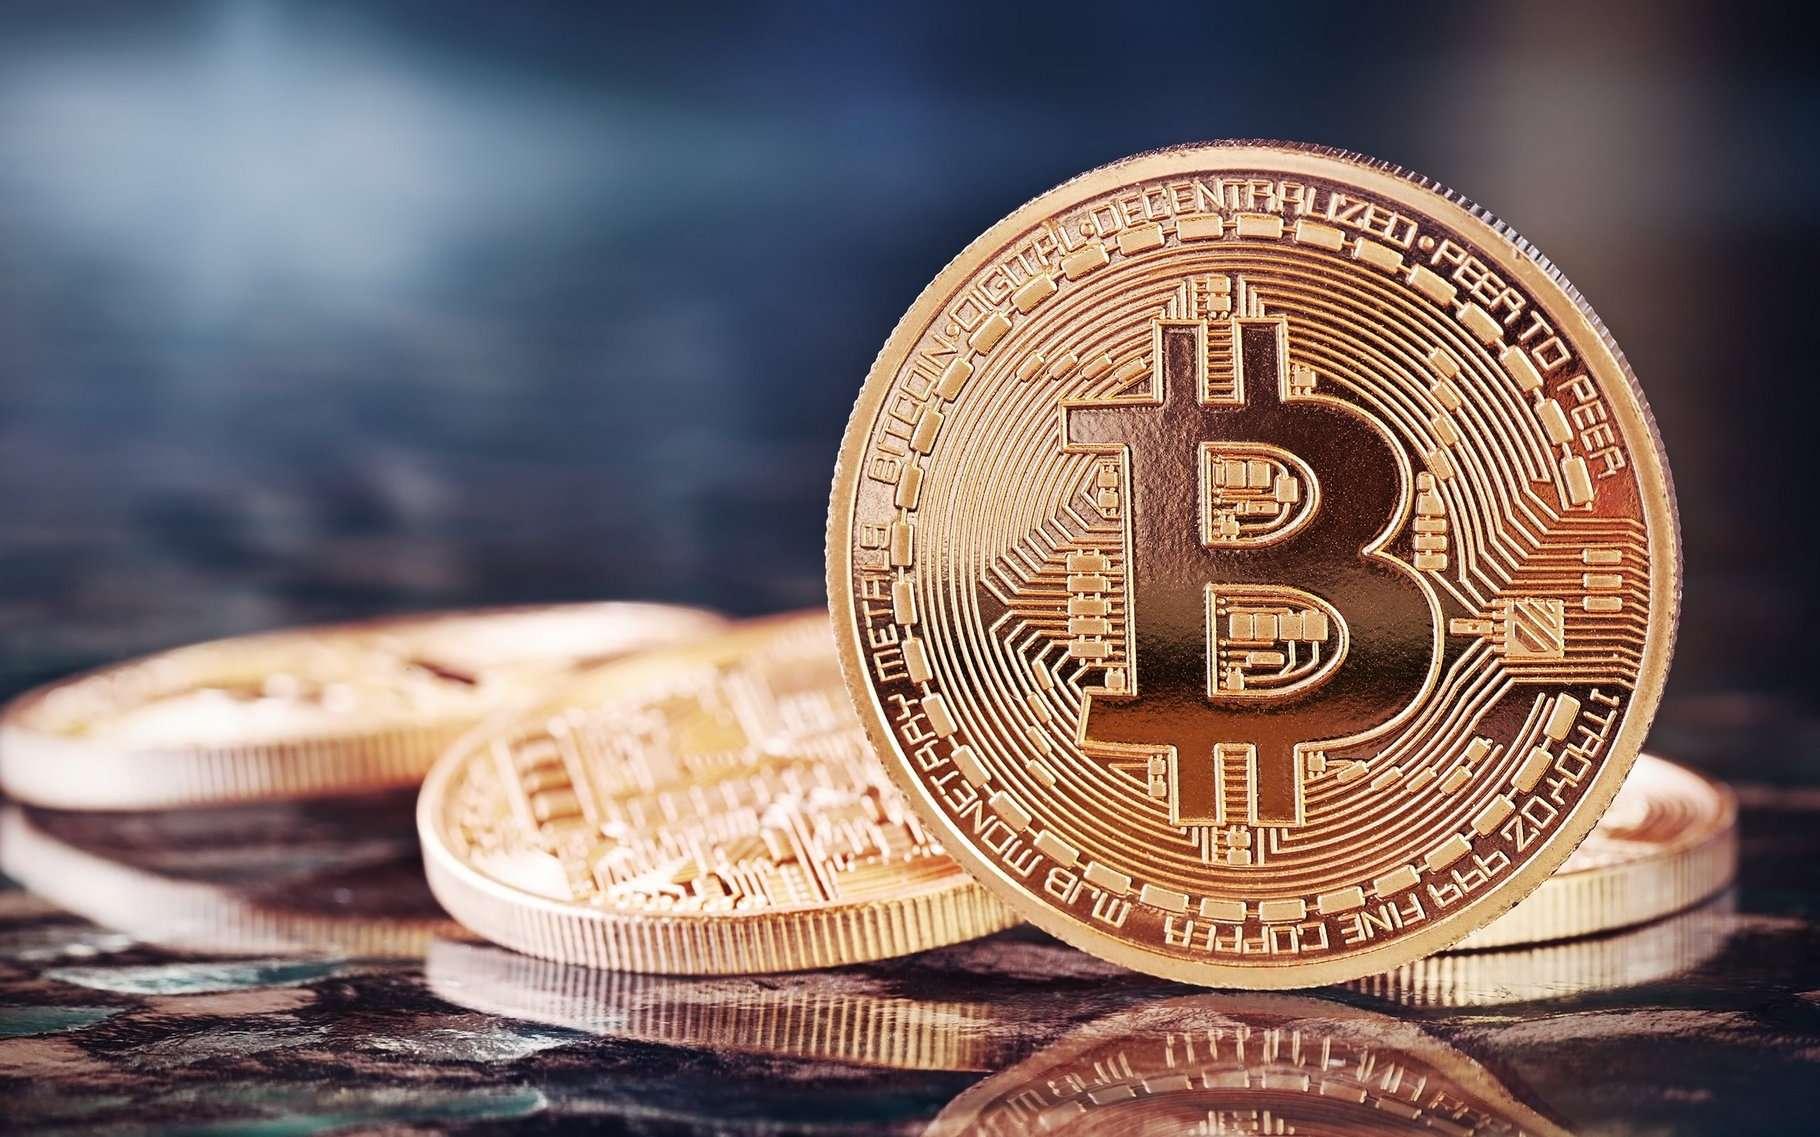 La monnaie virtuelle bitcoin a été créée en 2008. Son (ou ses) inventeur(s) ne s'est (se sont) jamais fait connaître. © Julia Tsokur, Shutterstock